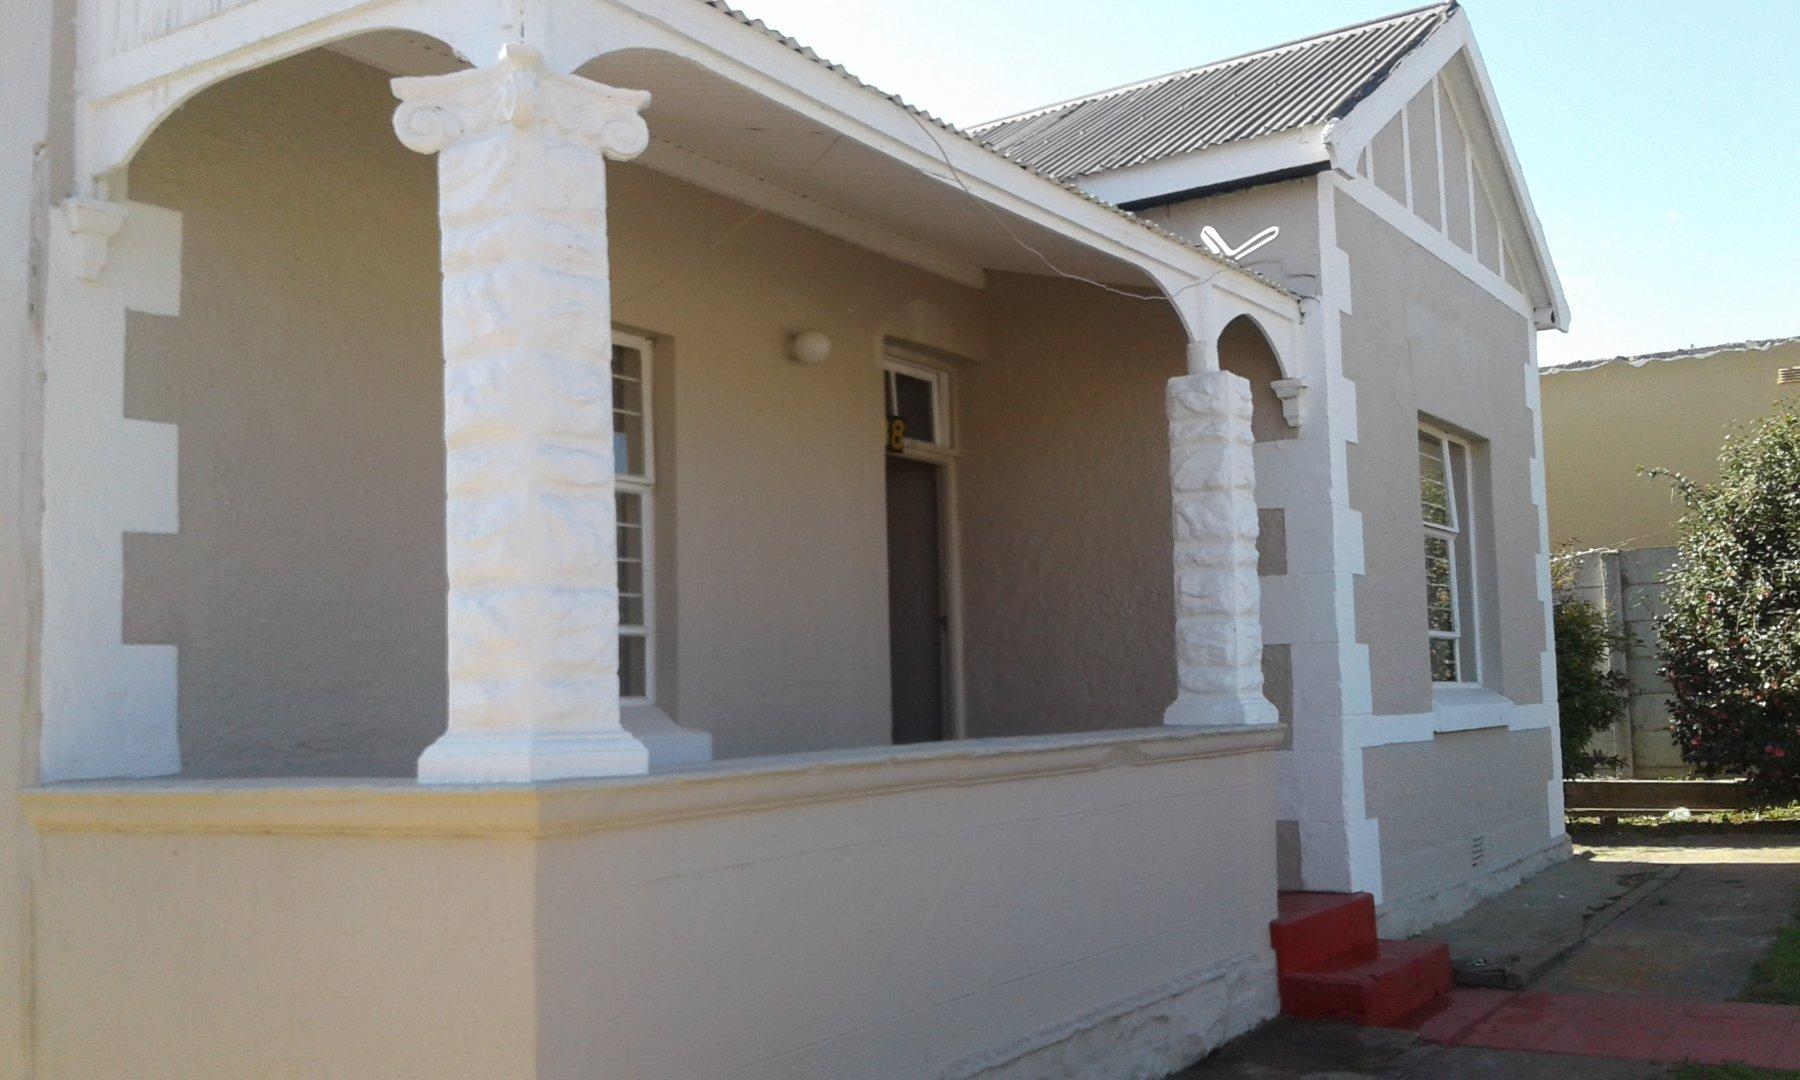 Krugersdorp, Krugersdorp Property  | Houses For Sale Krugersdorp, Krugersdorp, House 3 bedrooms property for sale Price:650,000